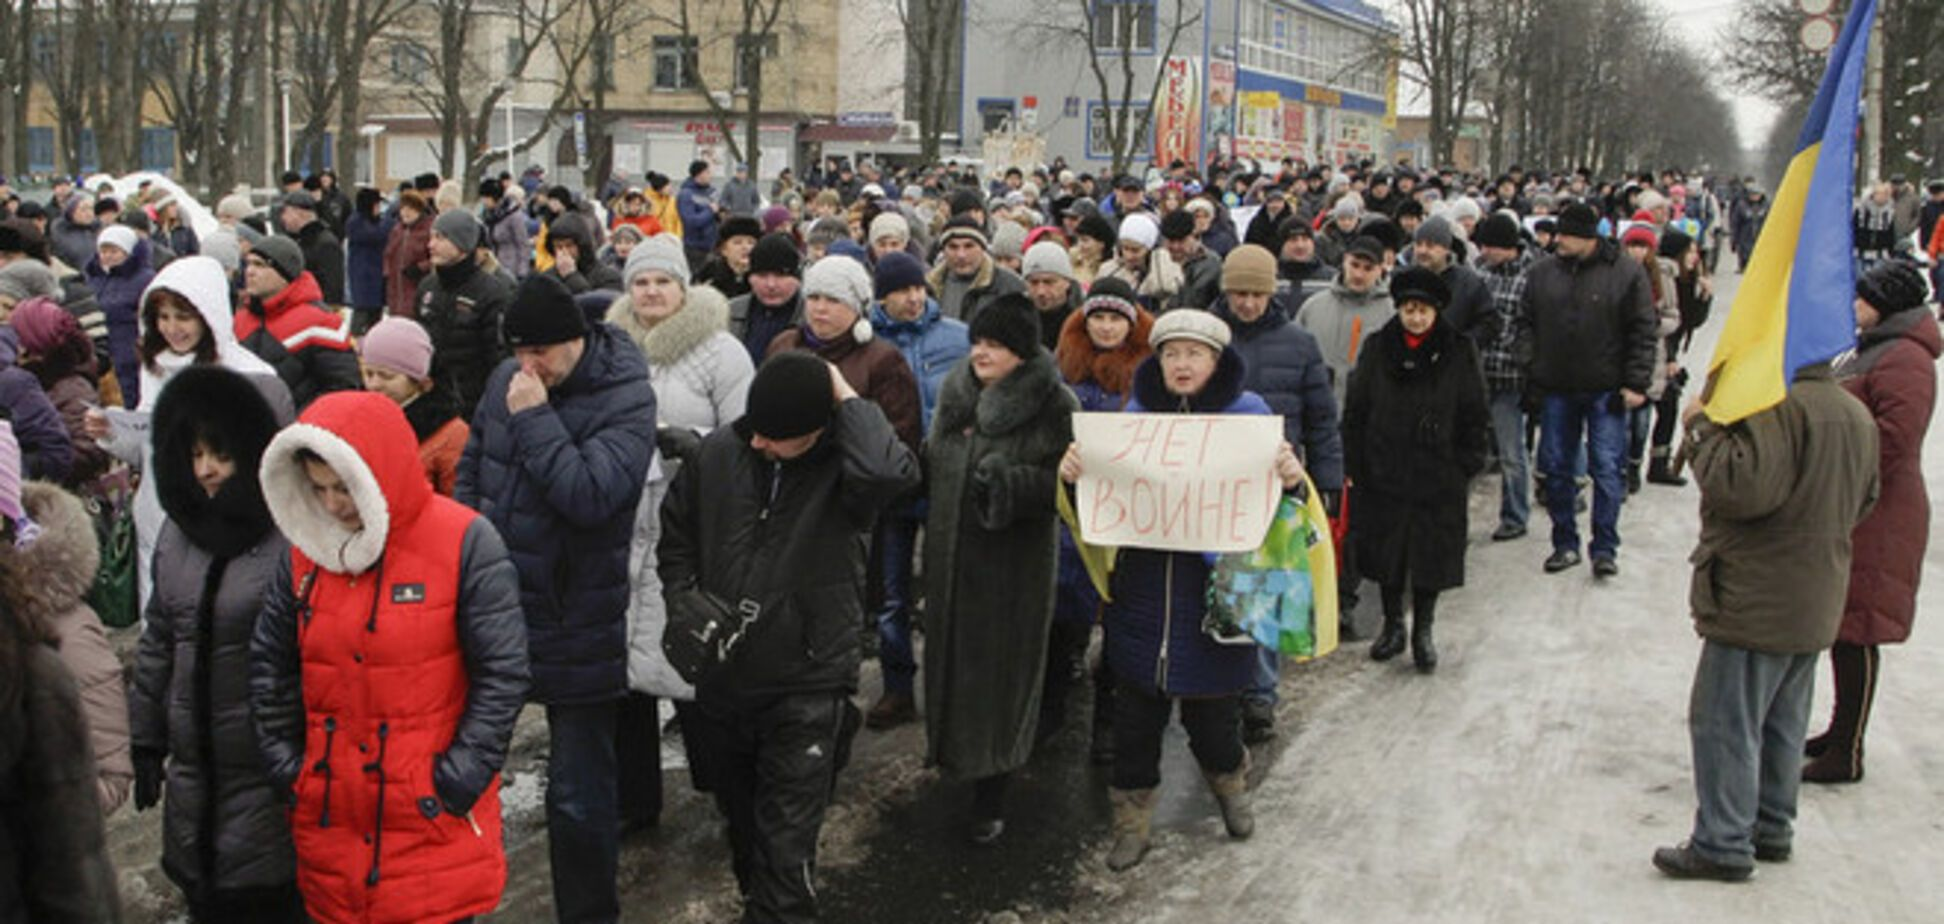 Жители Волновахи вышли на акцию против терроризма: опубликованы фото